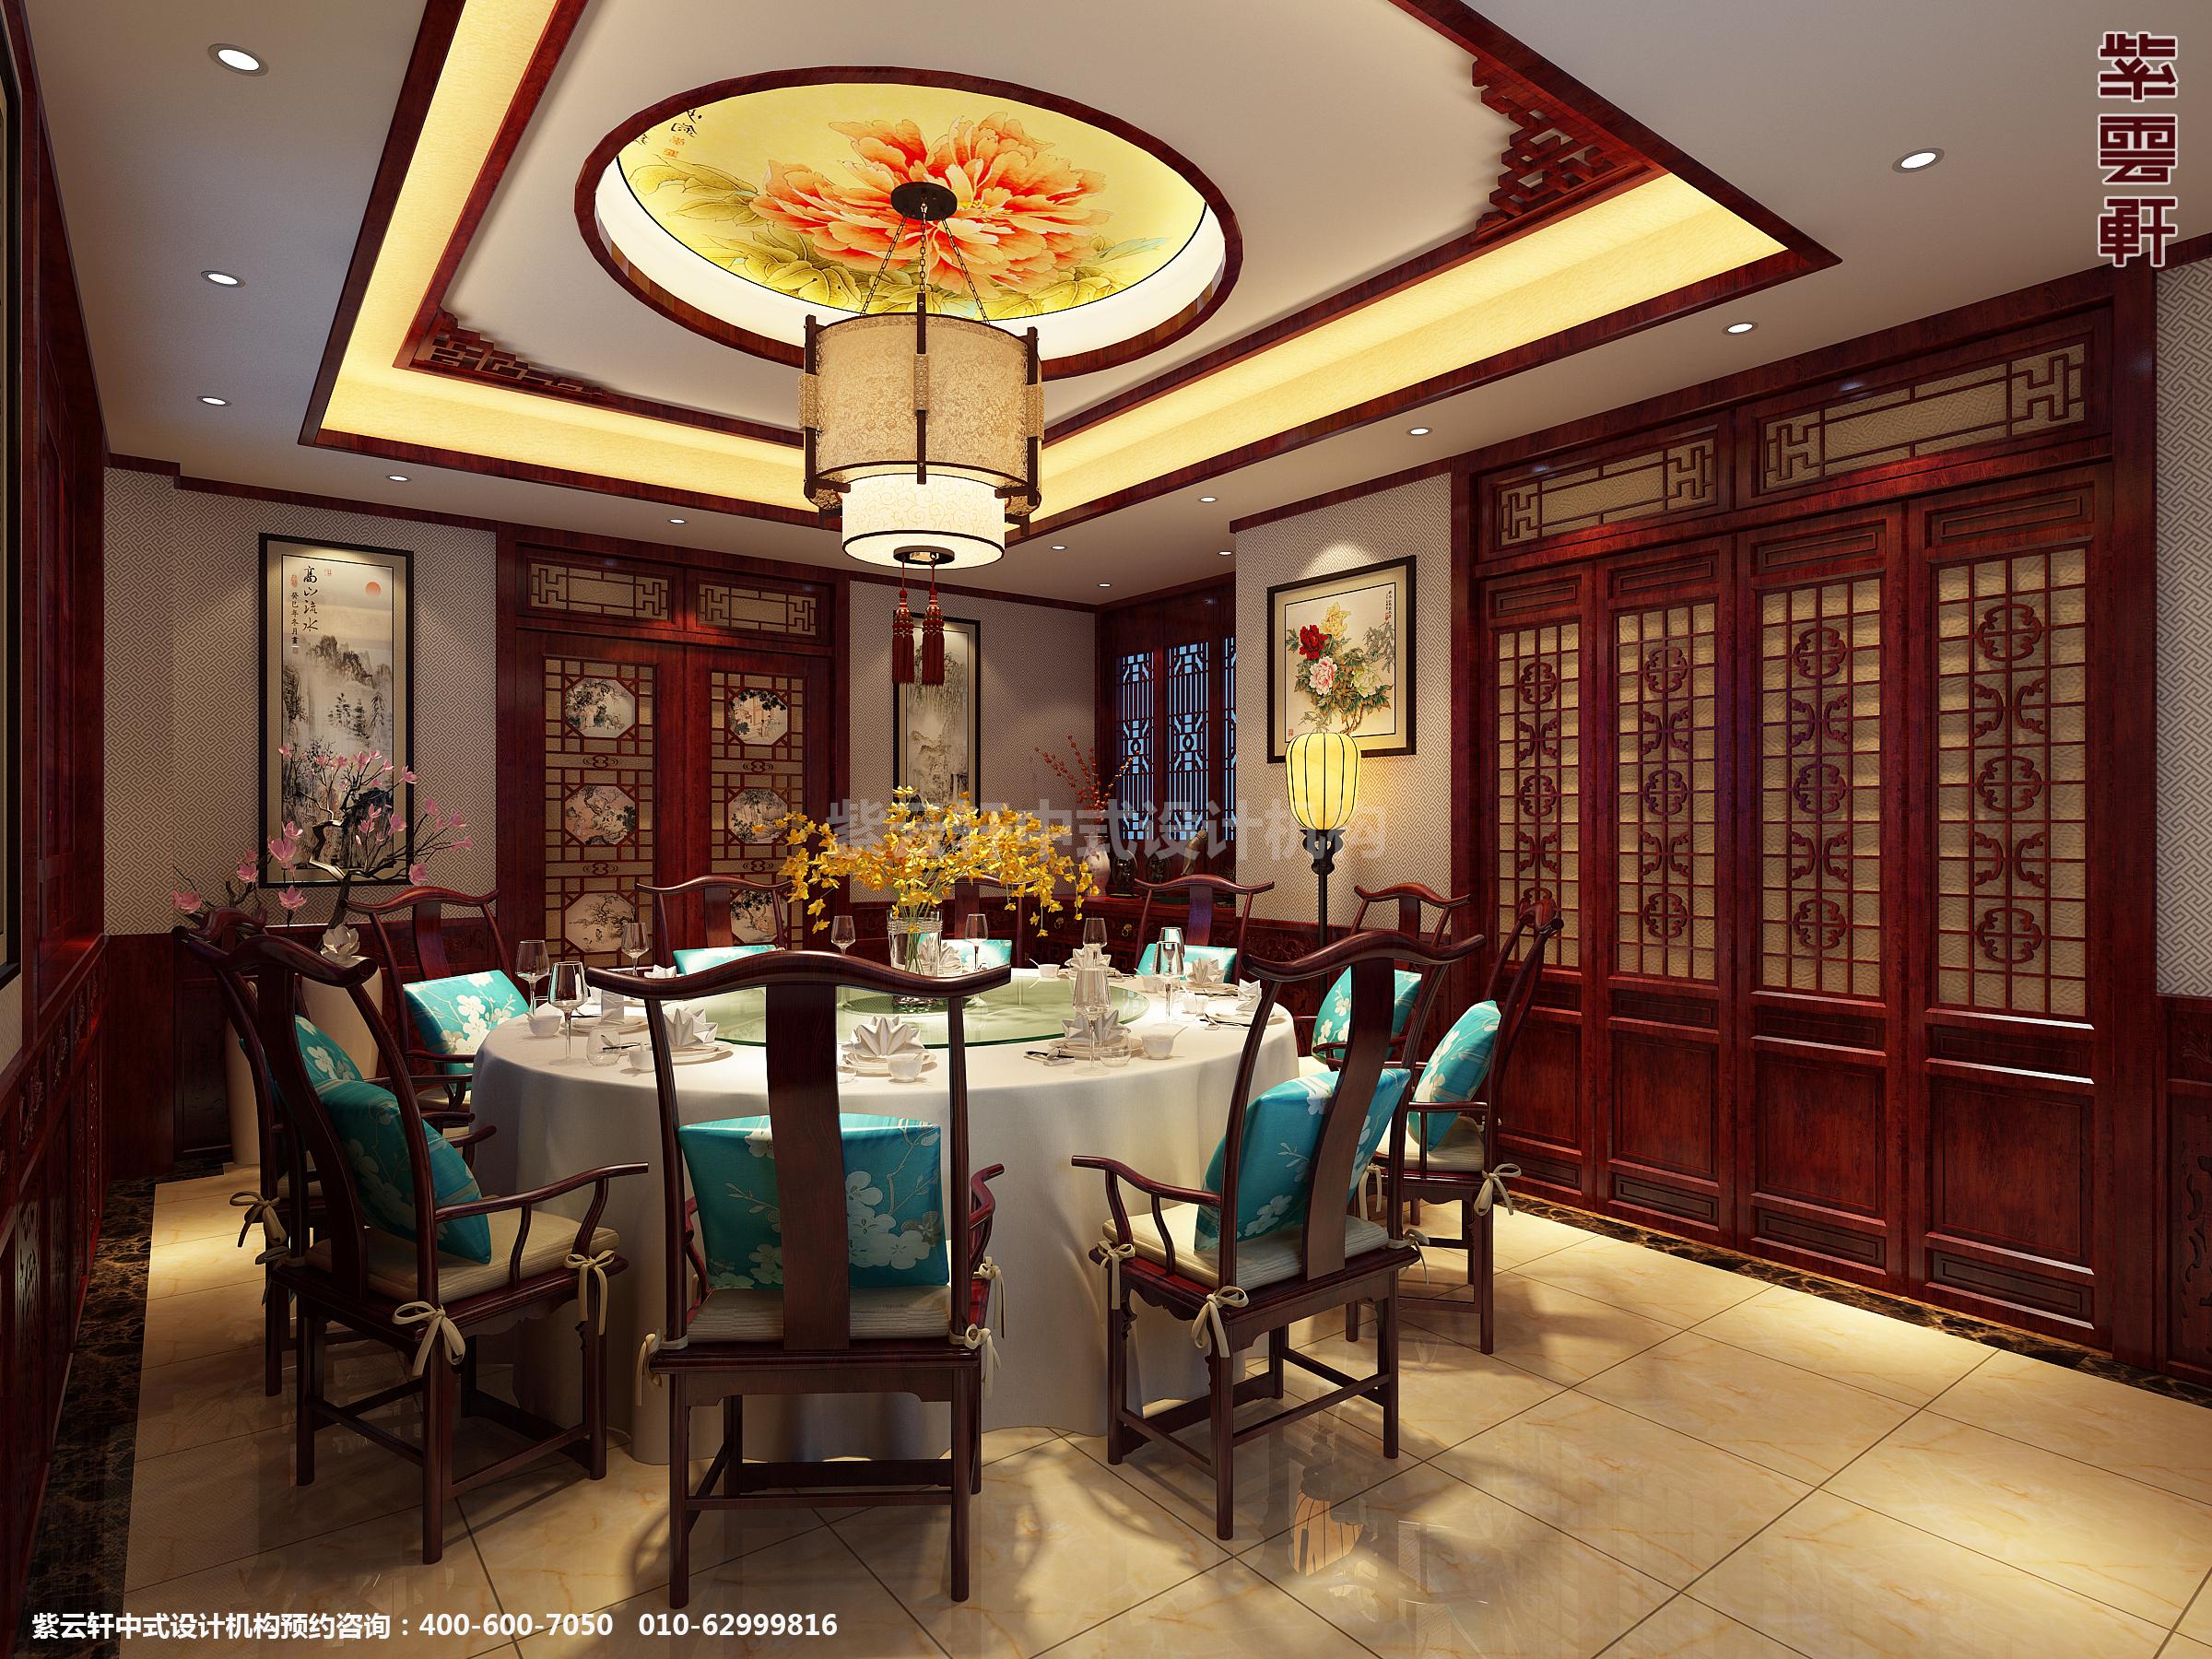 青岛即墨豪宅古典中式装修设计 悠然凌空,随风还真